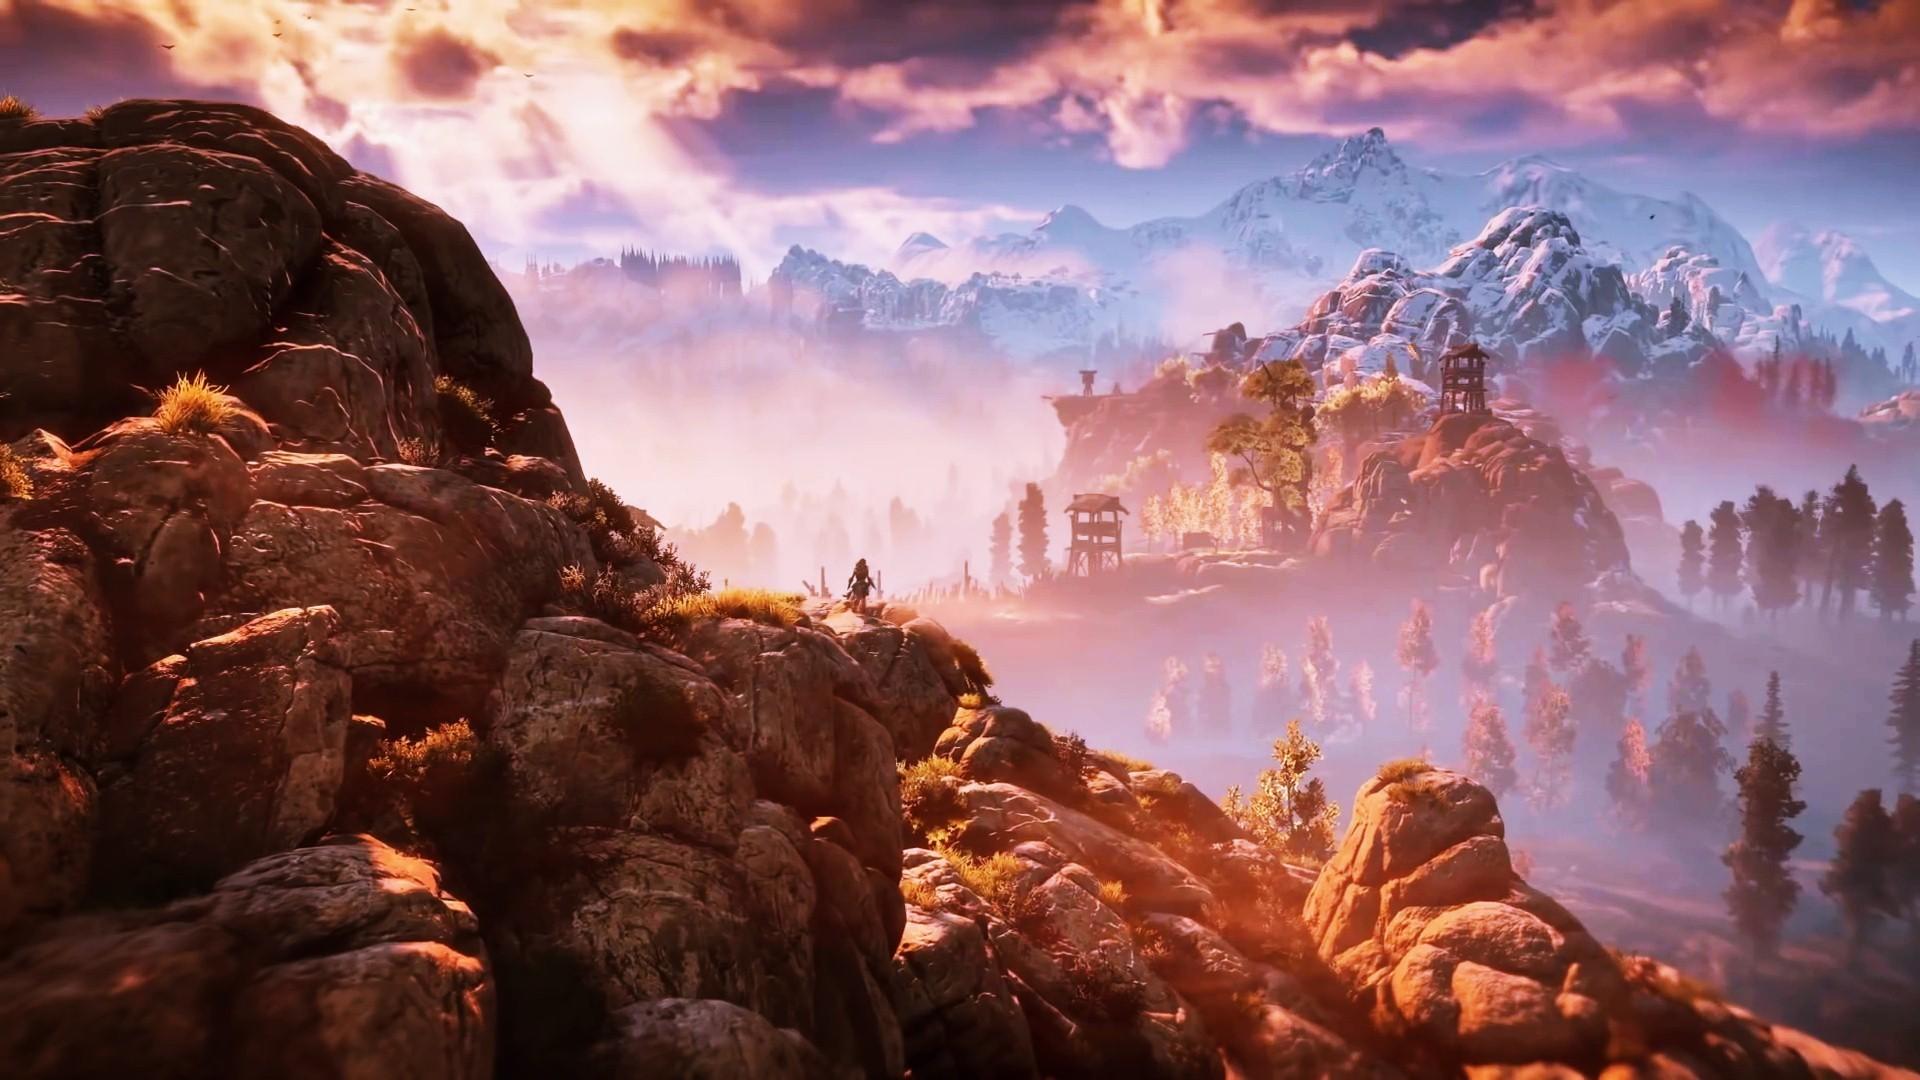 سی دی کی اریجینال استیم بازی Horizon Zero Dawn Complete Edition